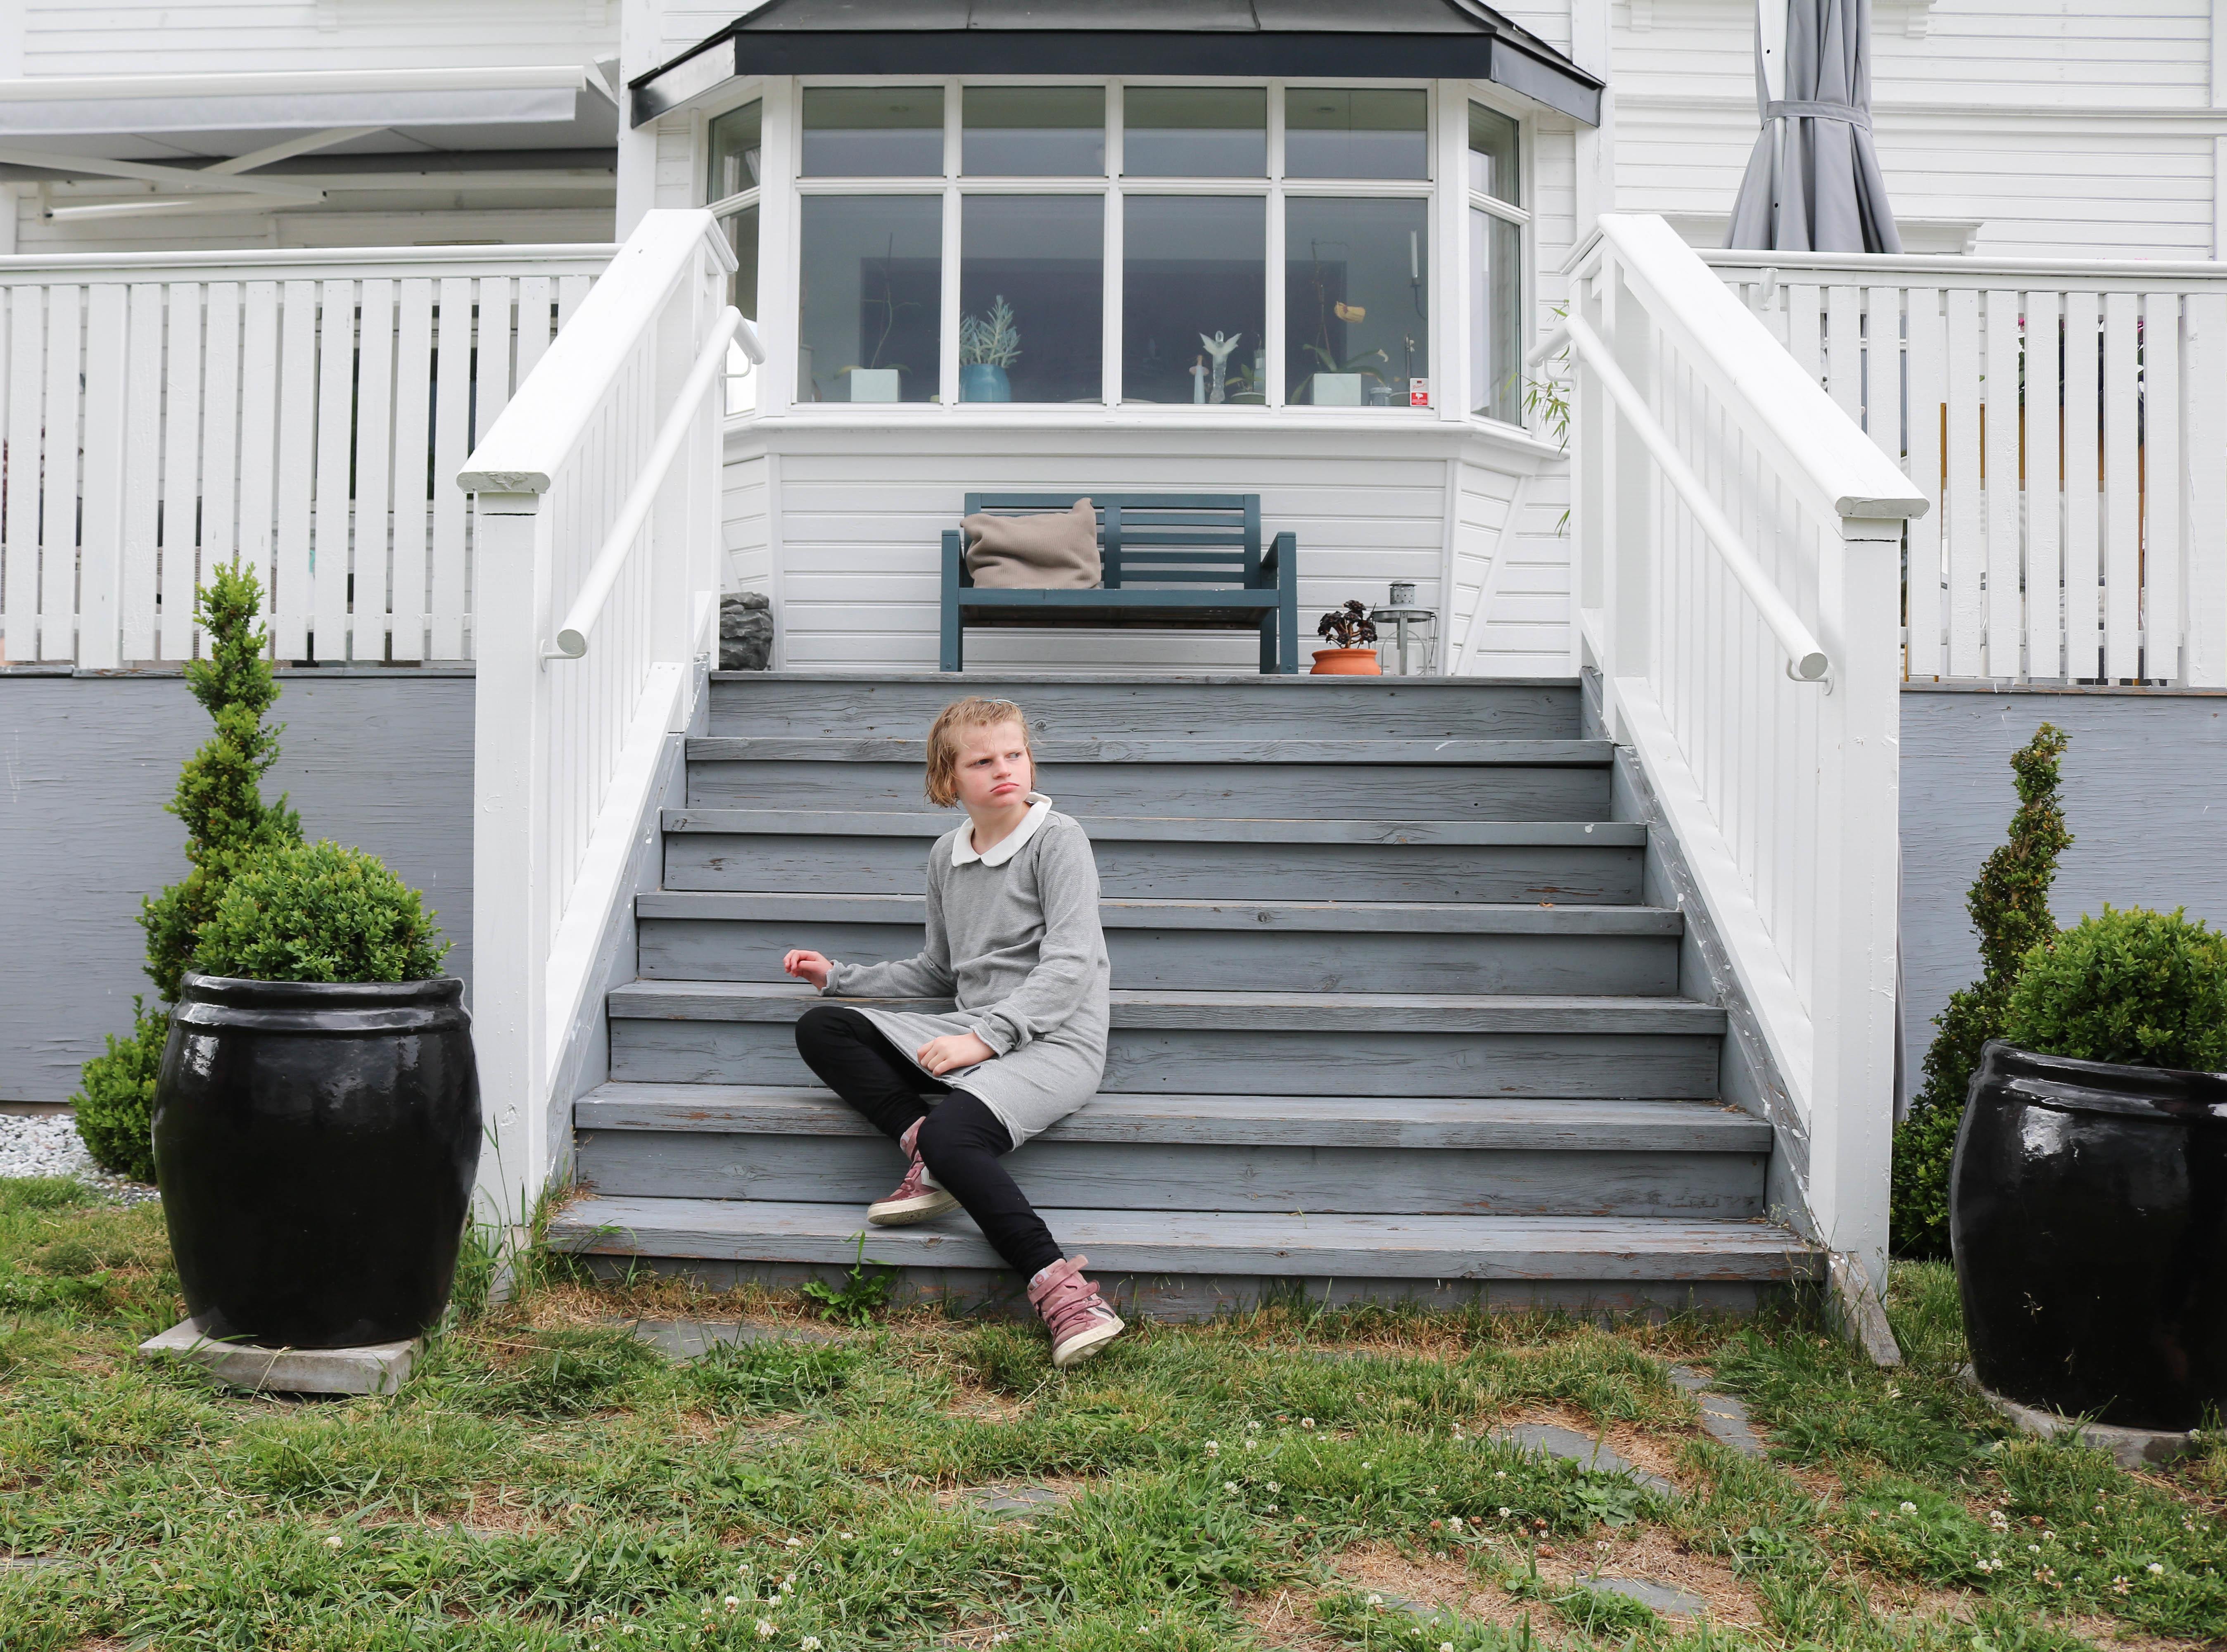 Jente i grå kjole sitter på en grå tretrapp som fører opp til en terrasse og kanapp, tilhørende en hvit trevilla.